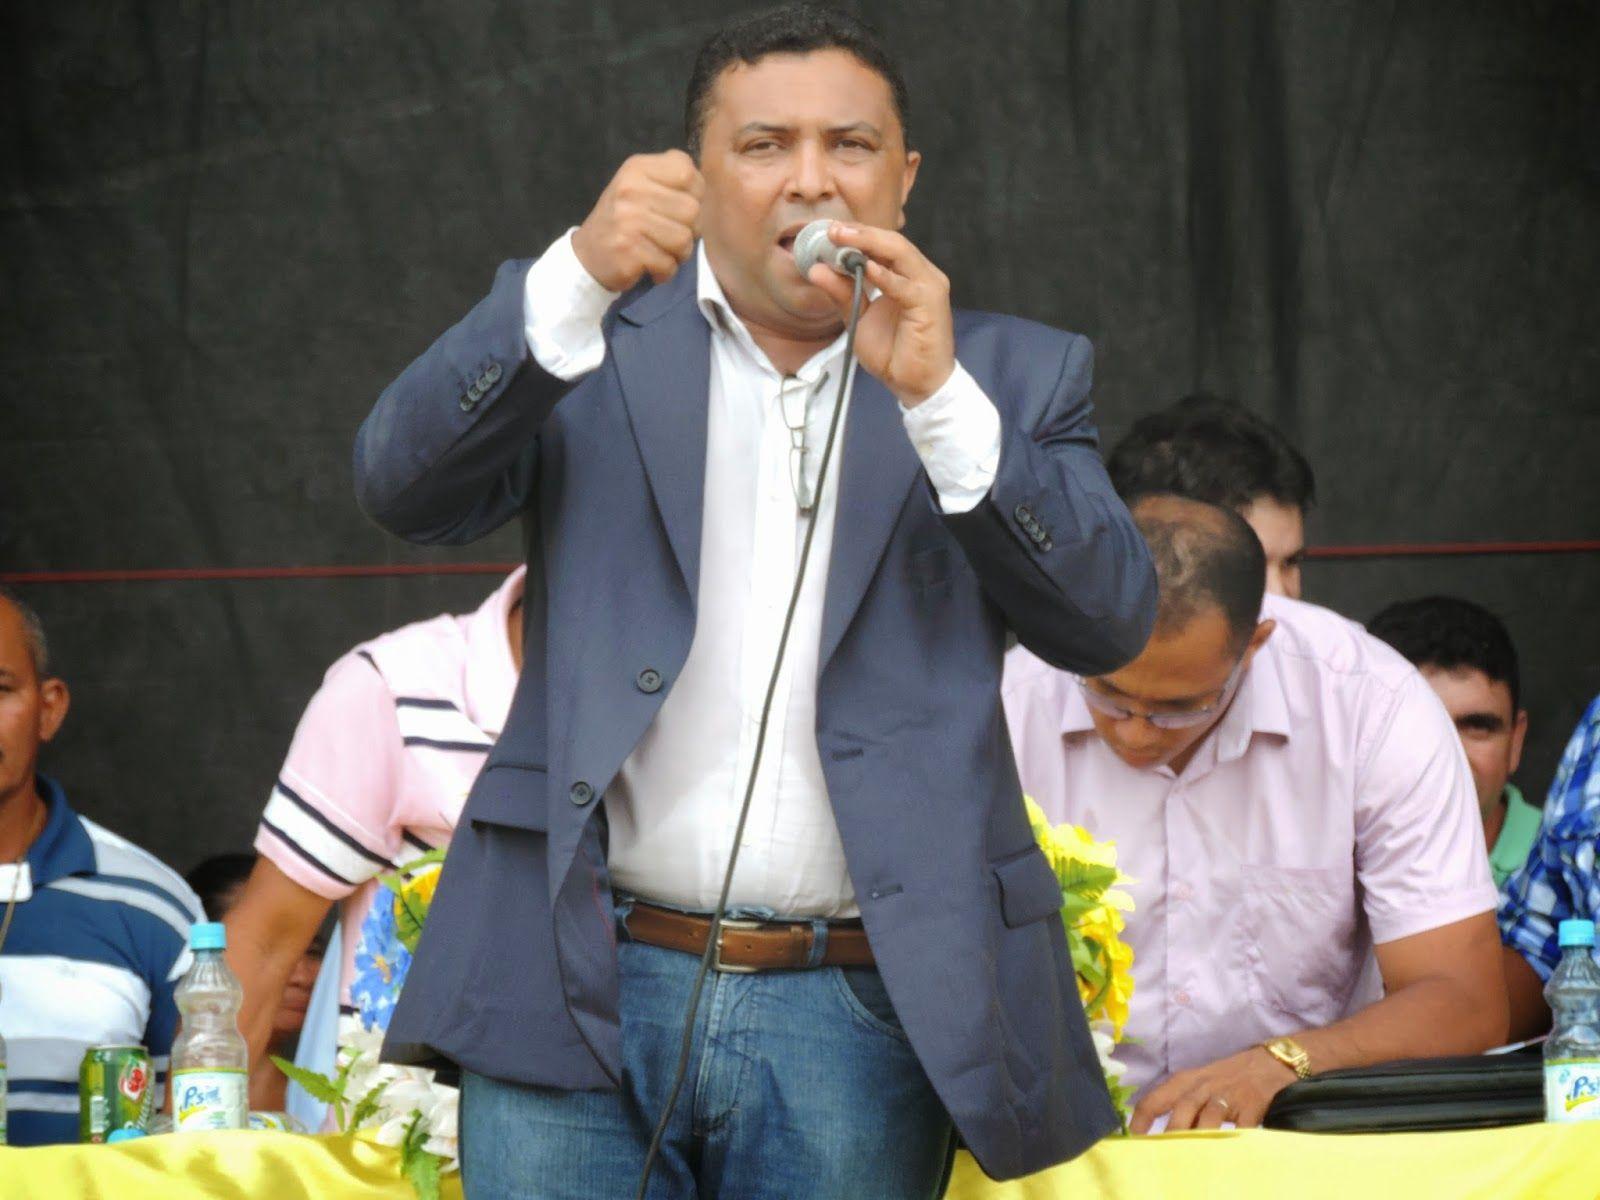 Por falta de transparência no site oficial da prefeitura, MP pede condenação e suspensão dos direitos políticos do ex-prefeito Joãozinho de Itaipava do Grajaú